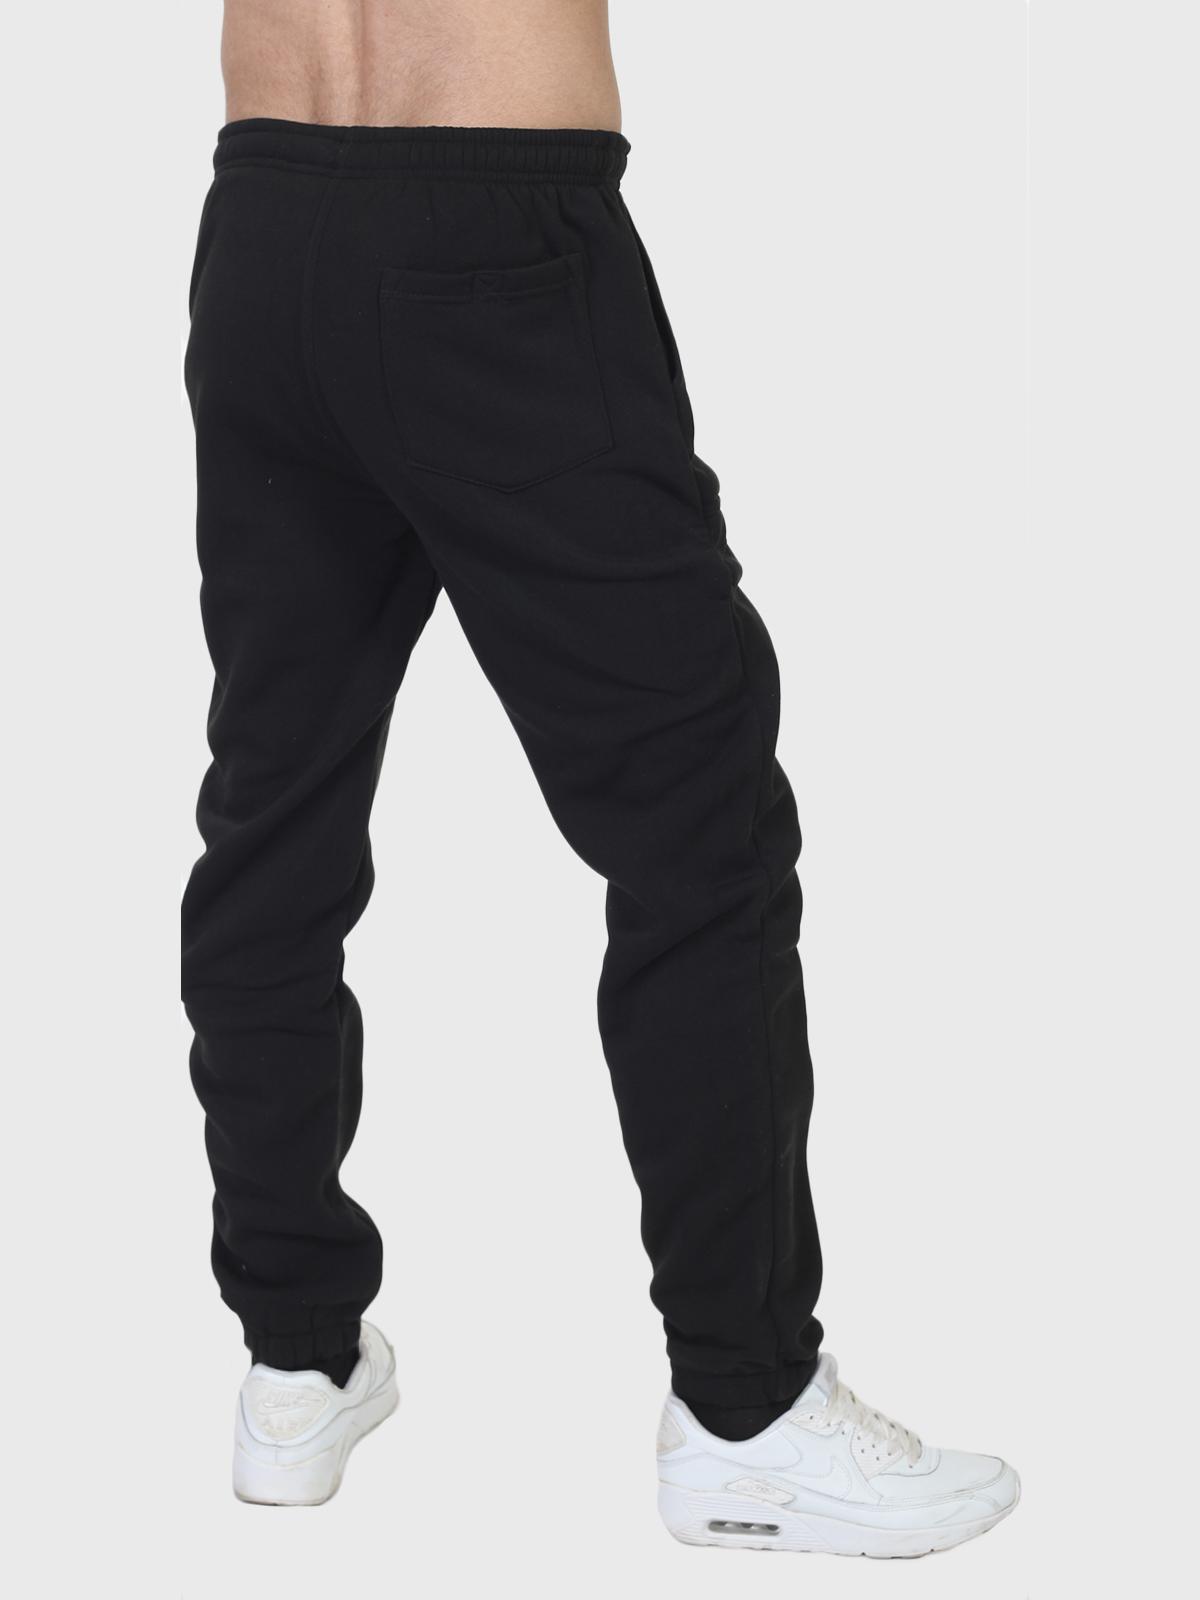 Черные утепленные спортивные штаны танкиста с удобной доставкой